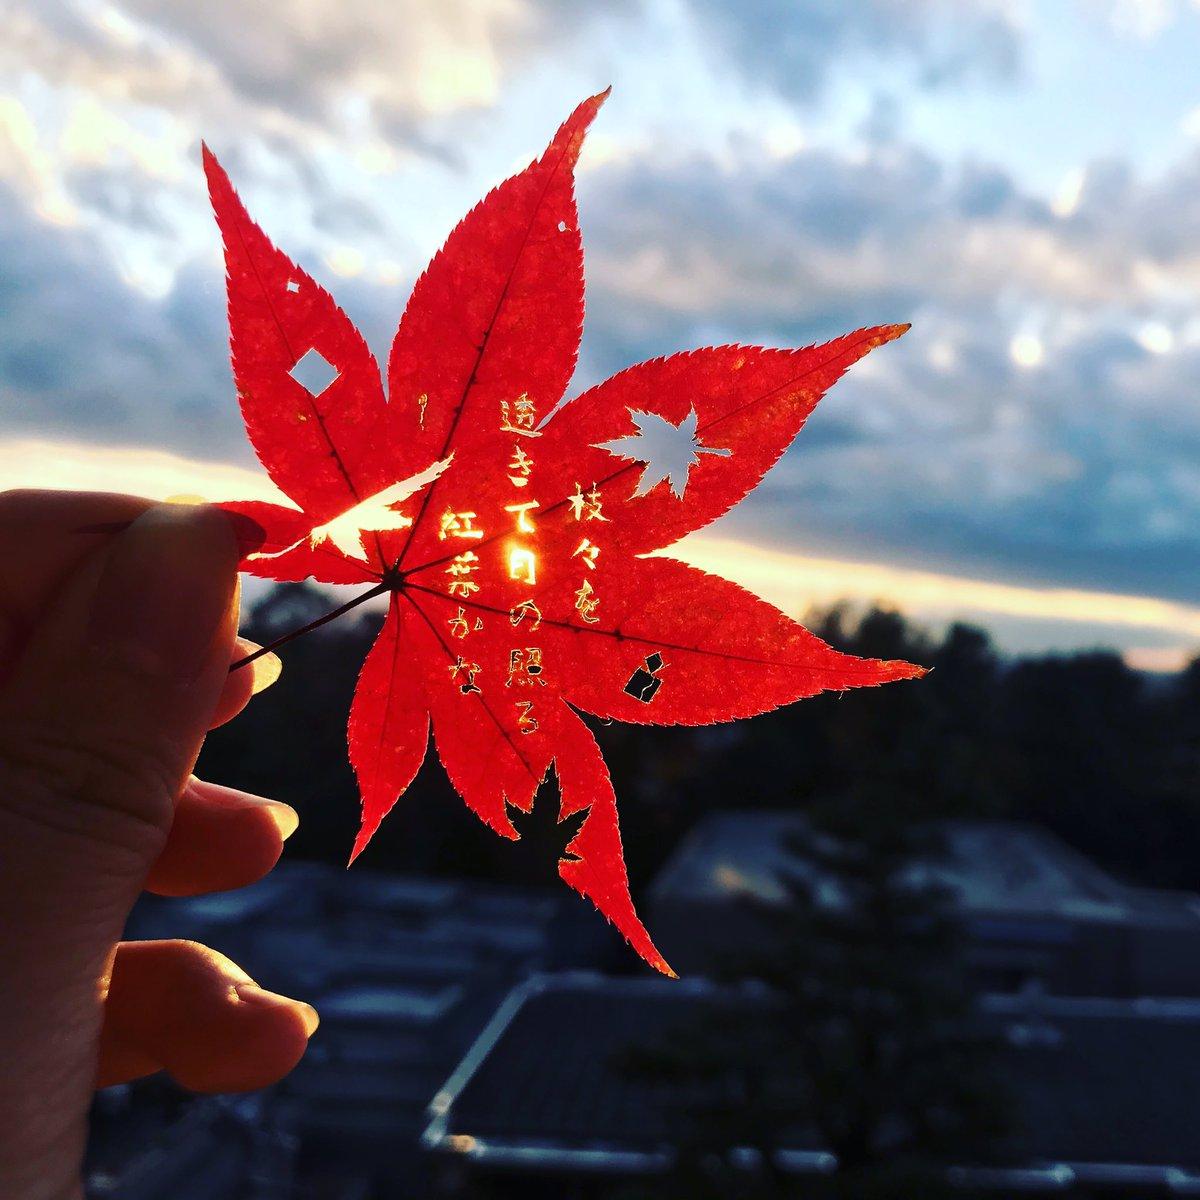 修学旅行で拾った紅葉の葉っぱに和歌を刻みつけた作品。まずこんな綺麗な紅葉が手に入ったのが奇跡だし、京都から東京まで保ったのも奇跡。切る時もすぐ萎れるから15分毎に水につけなくちゃいけなくて大変だった....今から思うとよく失敗せずに切れたなぁ #神が降りてきたと思った自賛工作#切り絵